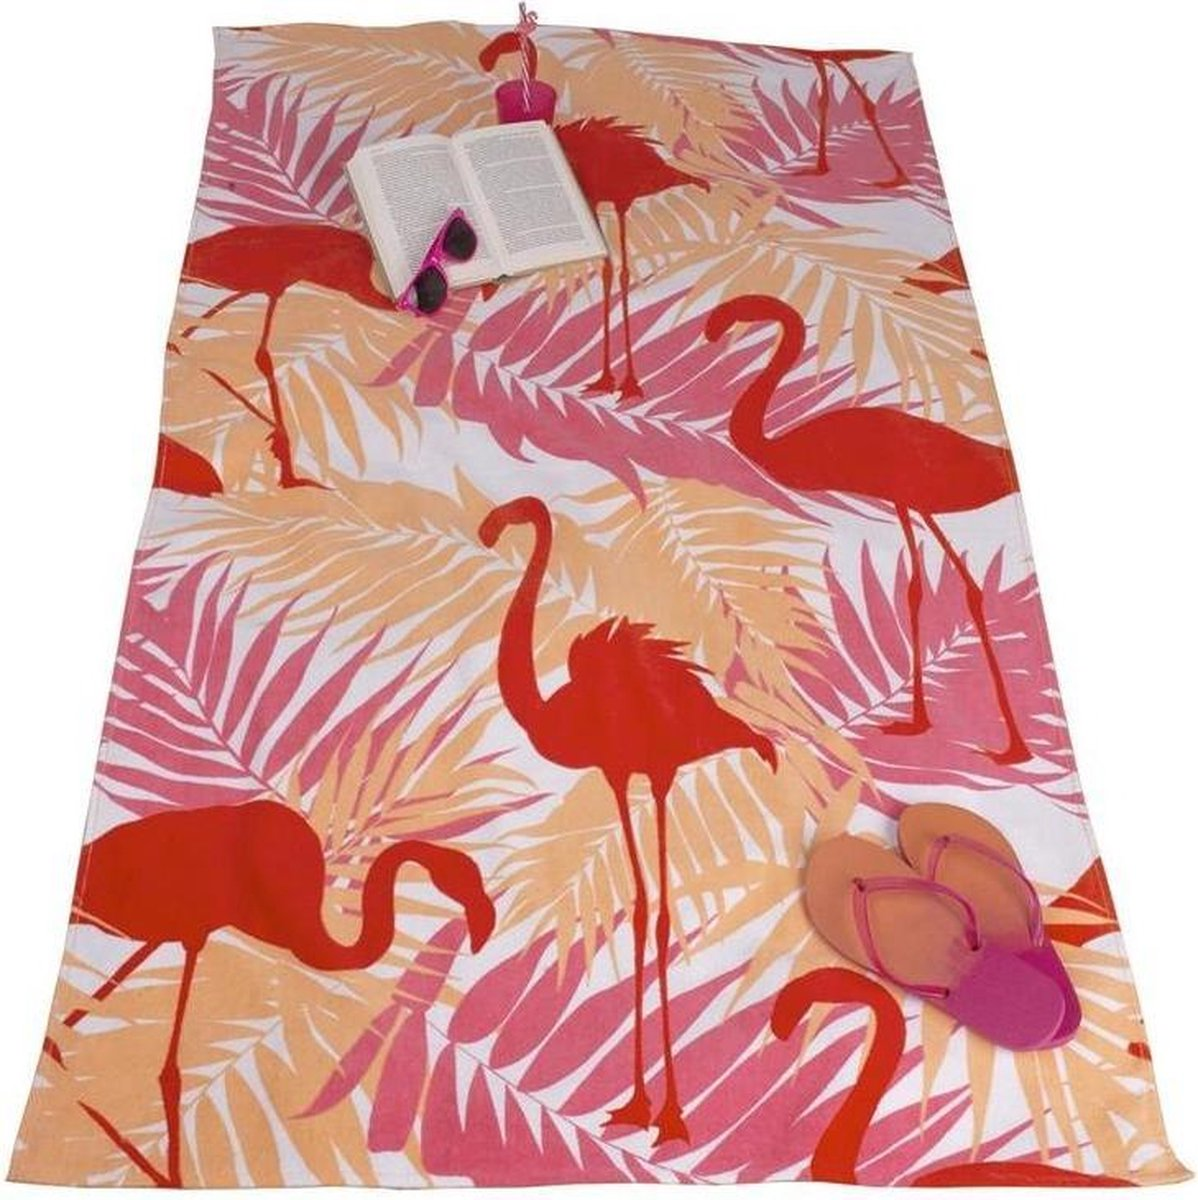 Strandlaken met Flamingo Print 90x170 cm Roze/Oranje